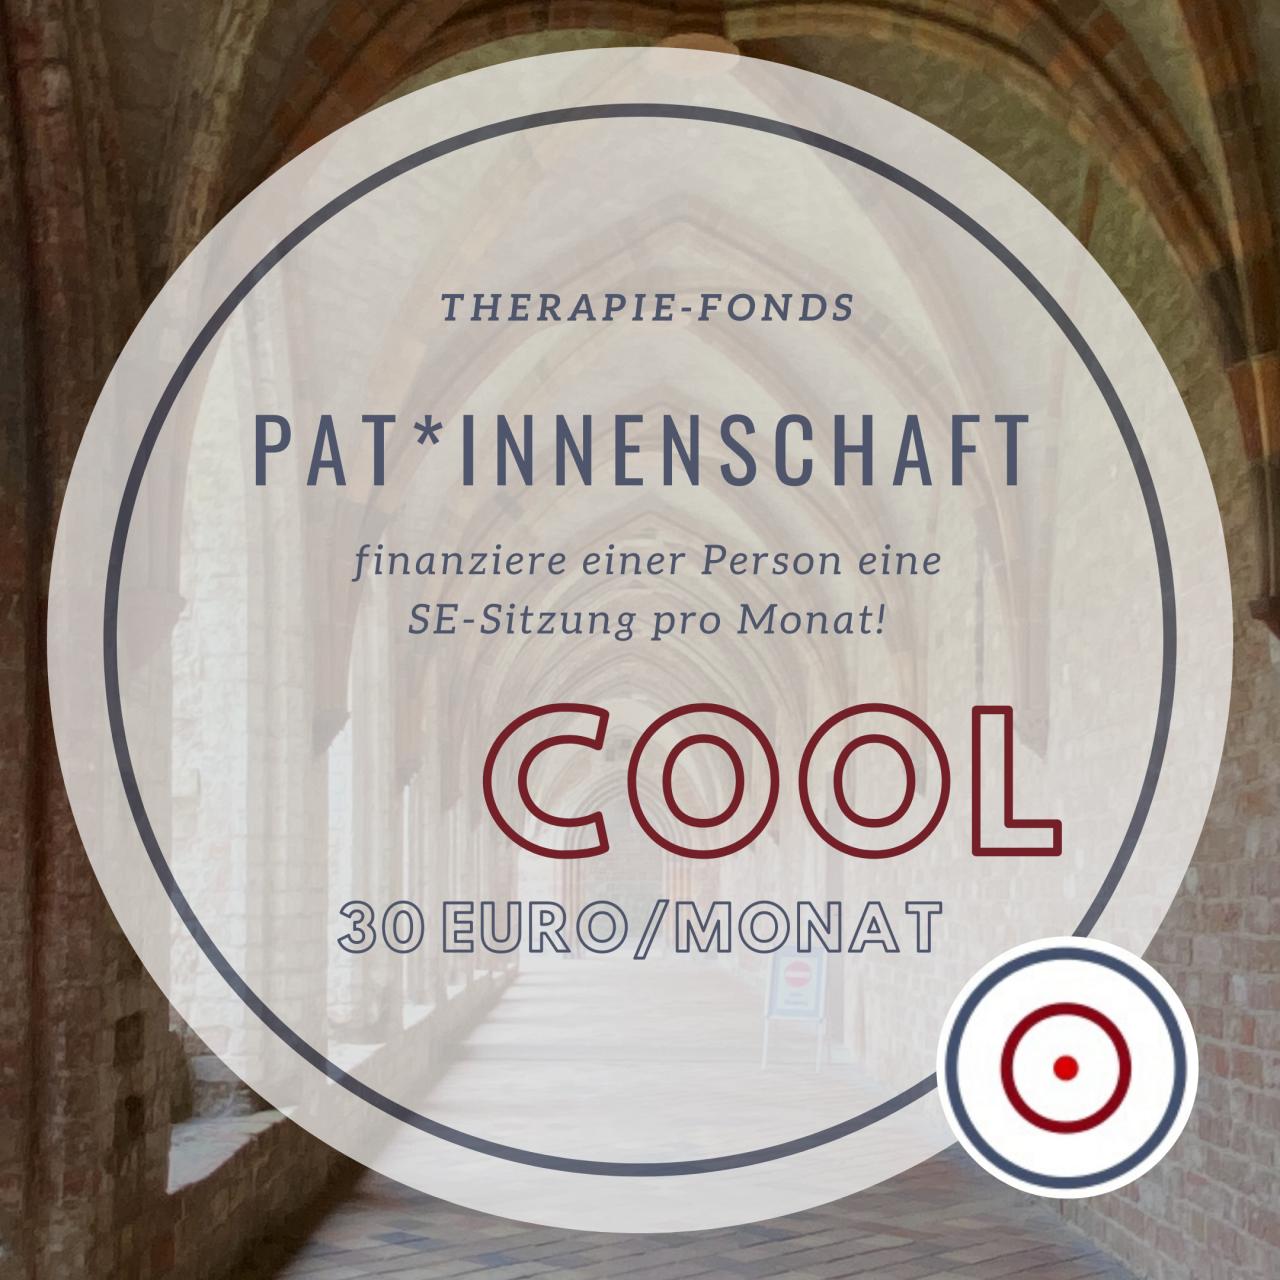 Therapie-Fonds: Pat*innenschaft COOL